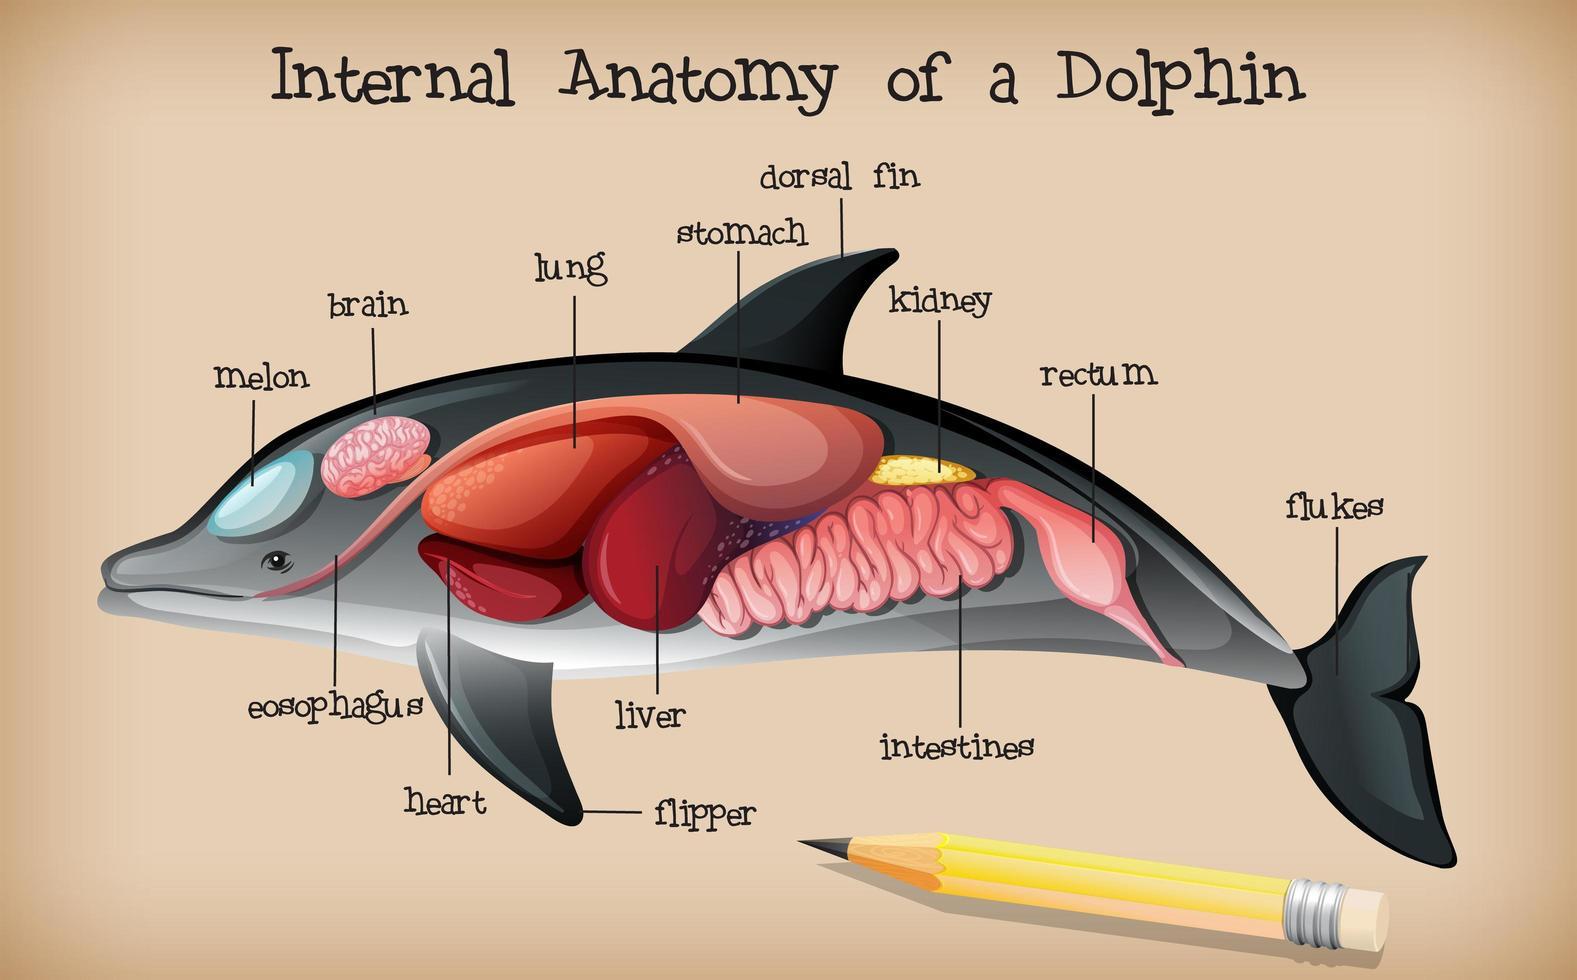 innere Anatomie eines Delfins vektor